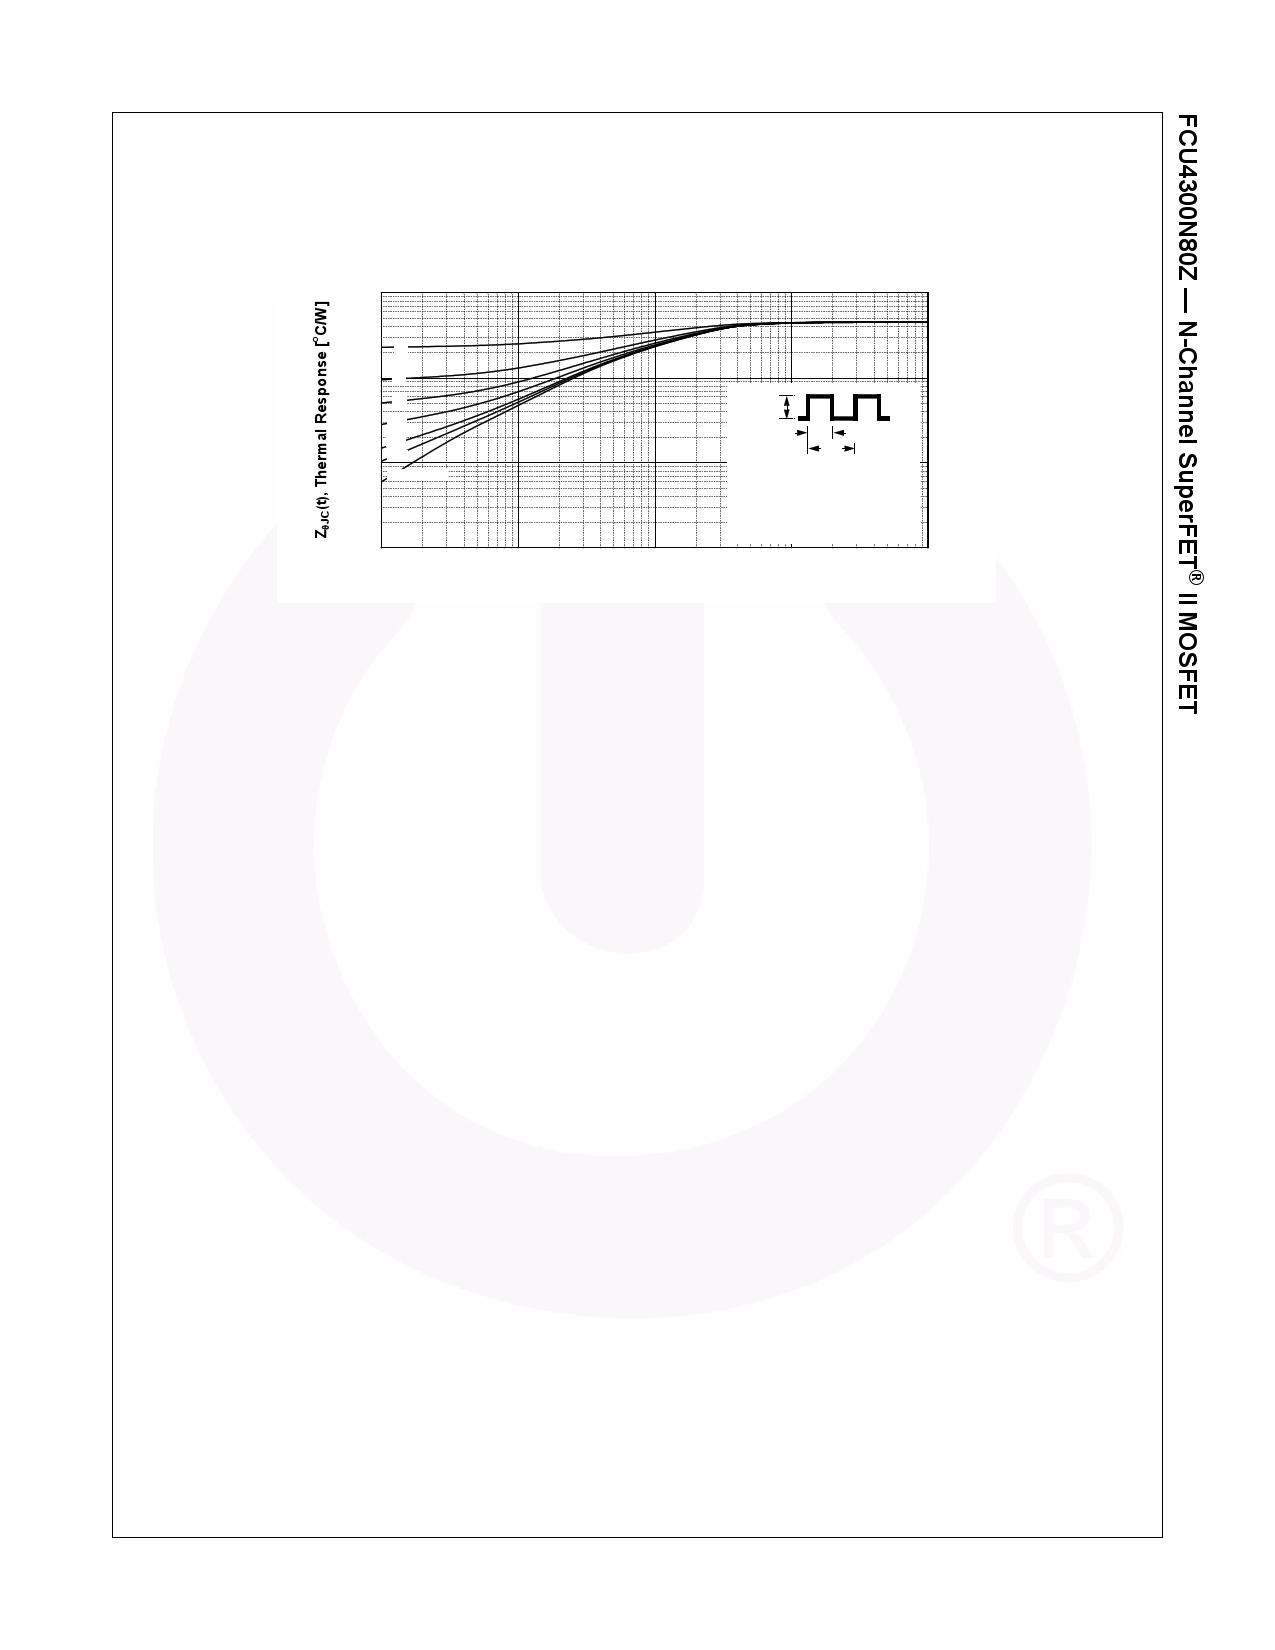 FCU4300N80Z pdf